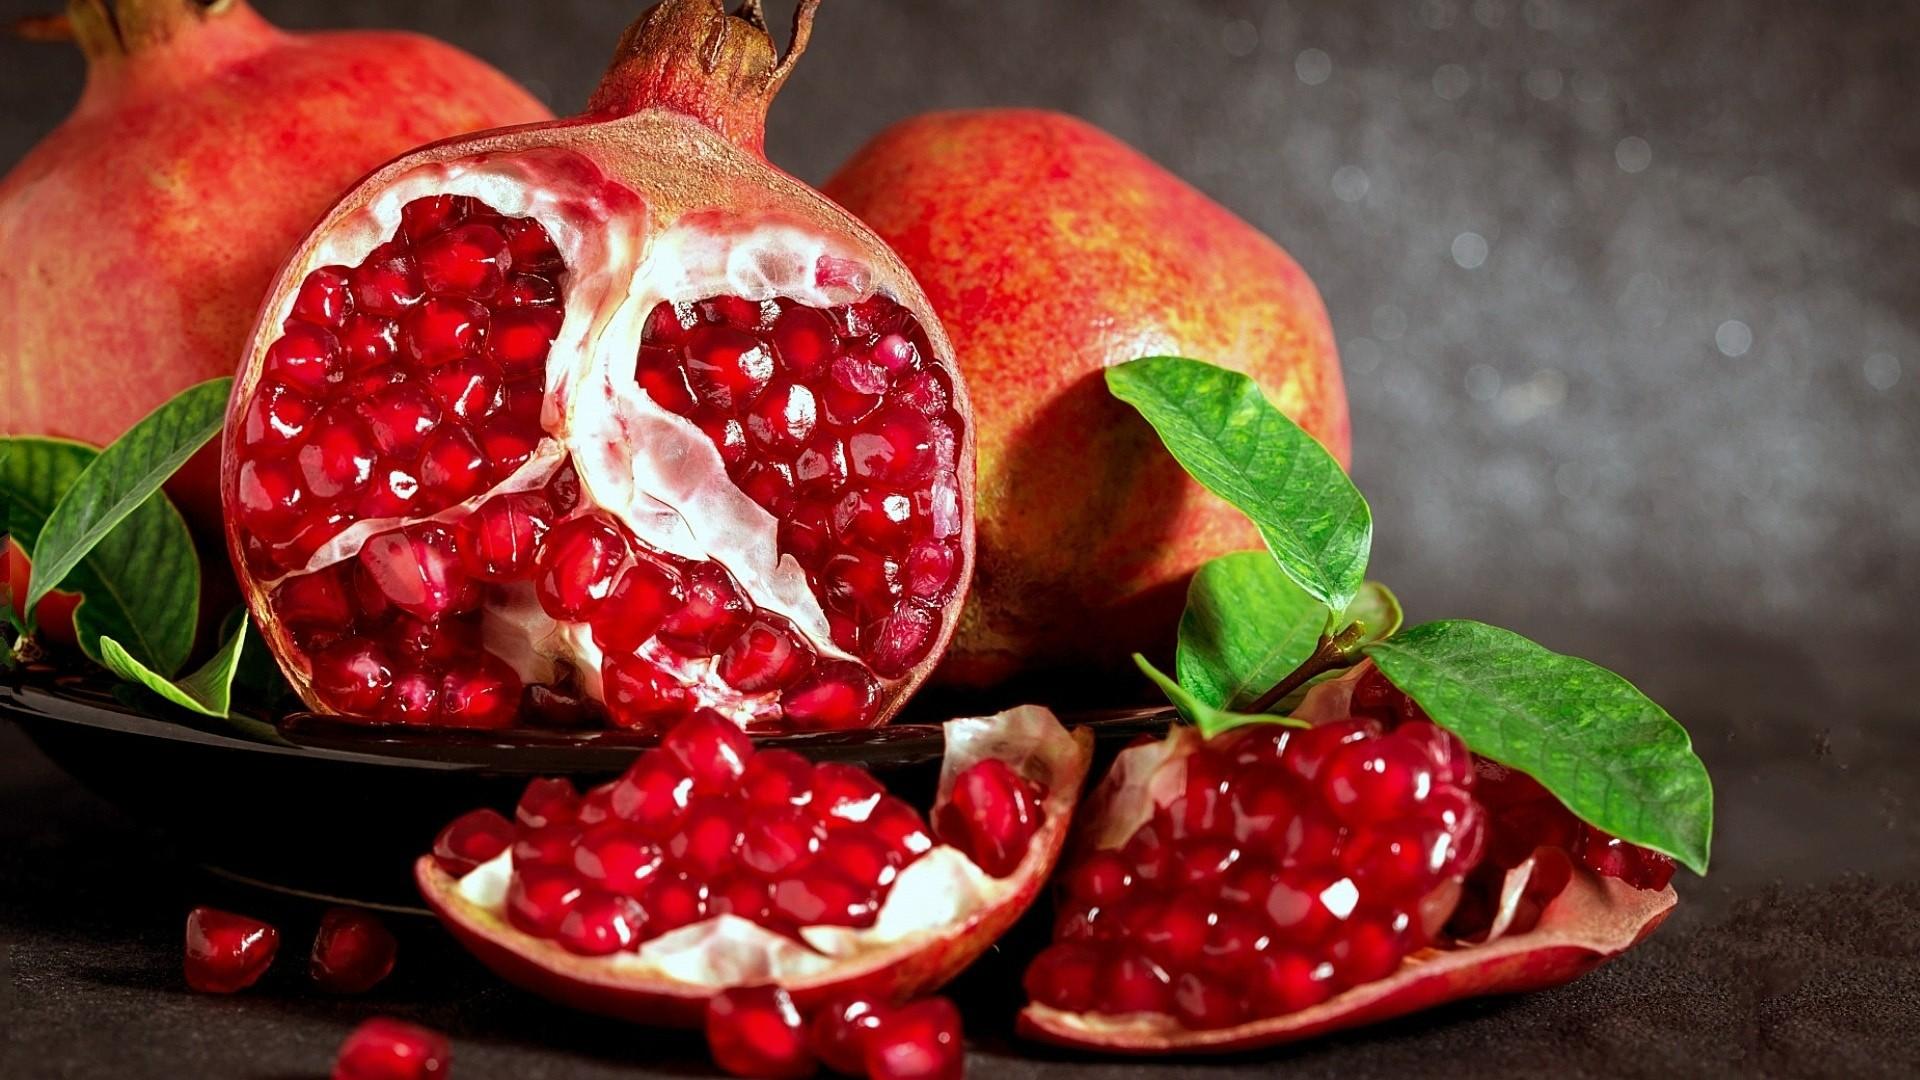 Pomegranate wallpaper picture hd